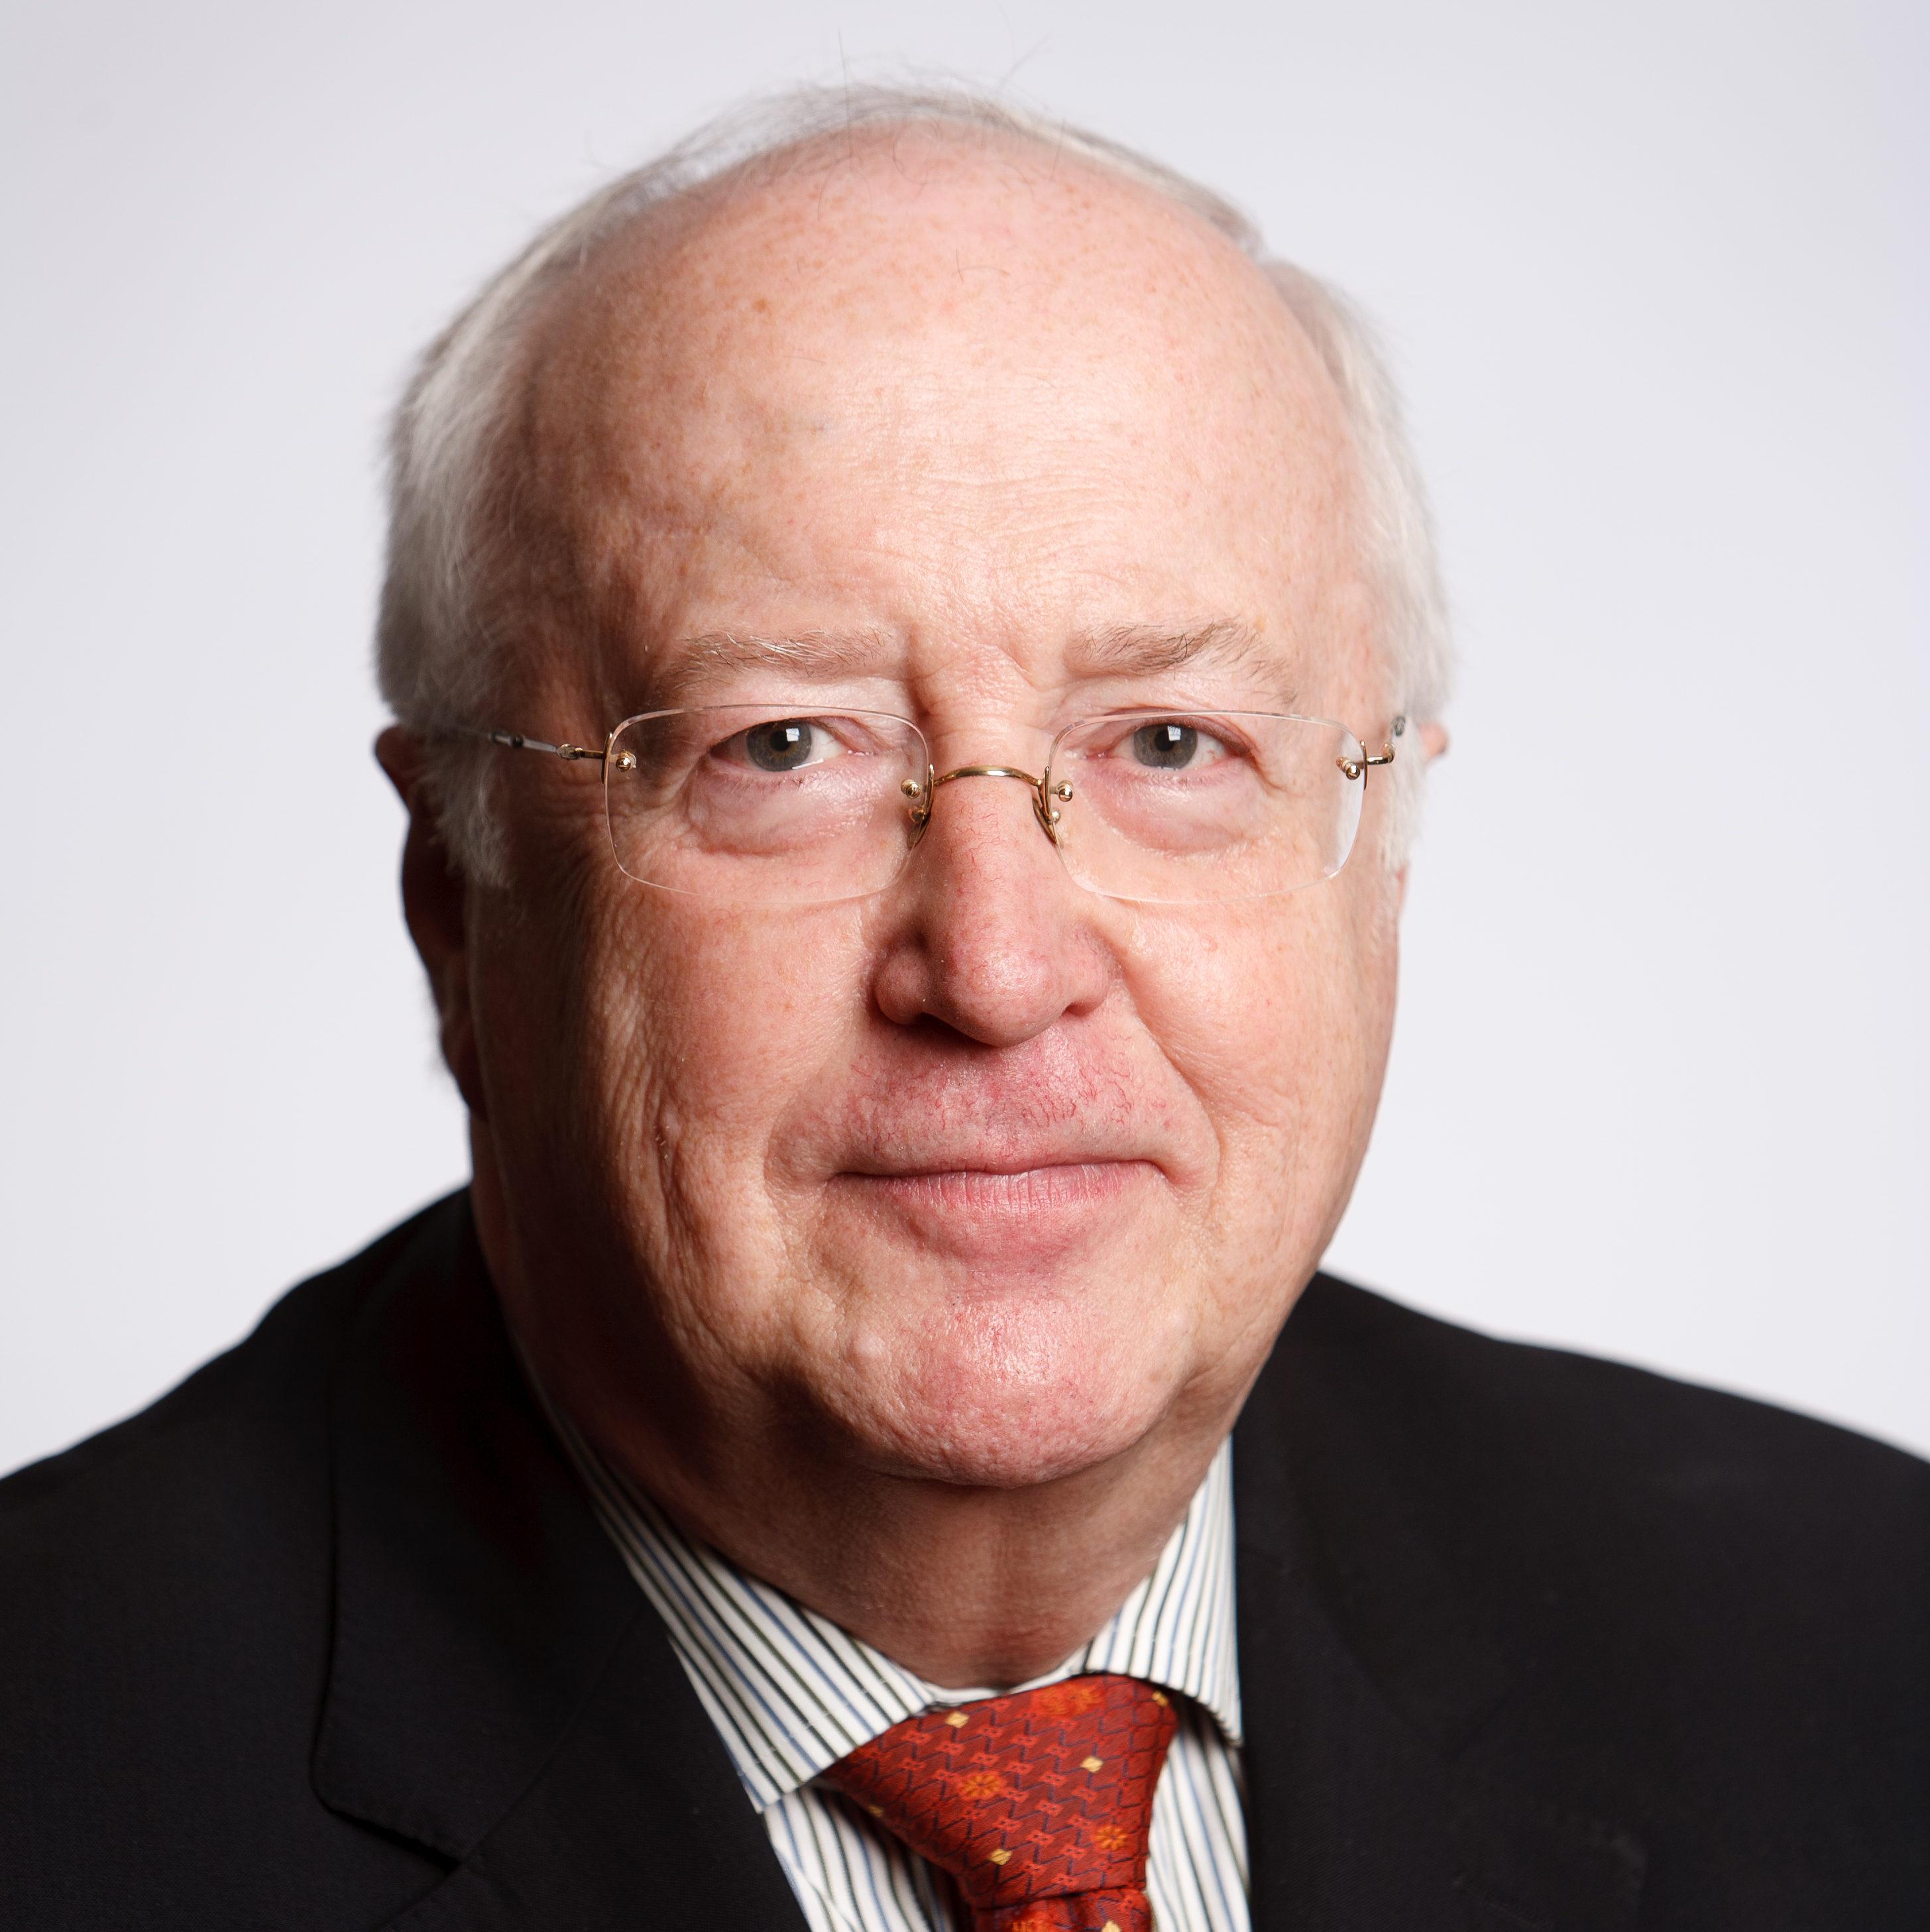 Franz Jürgen Säcker